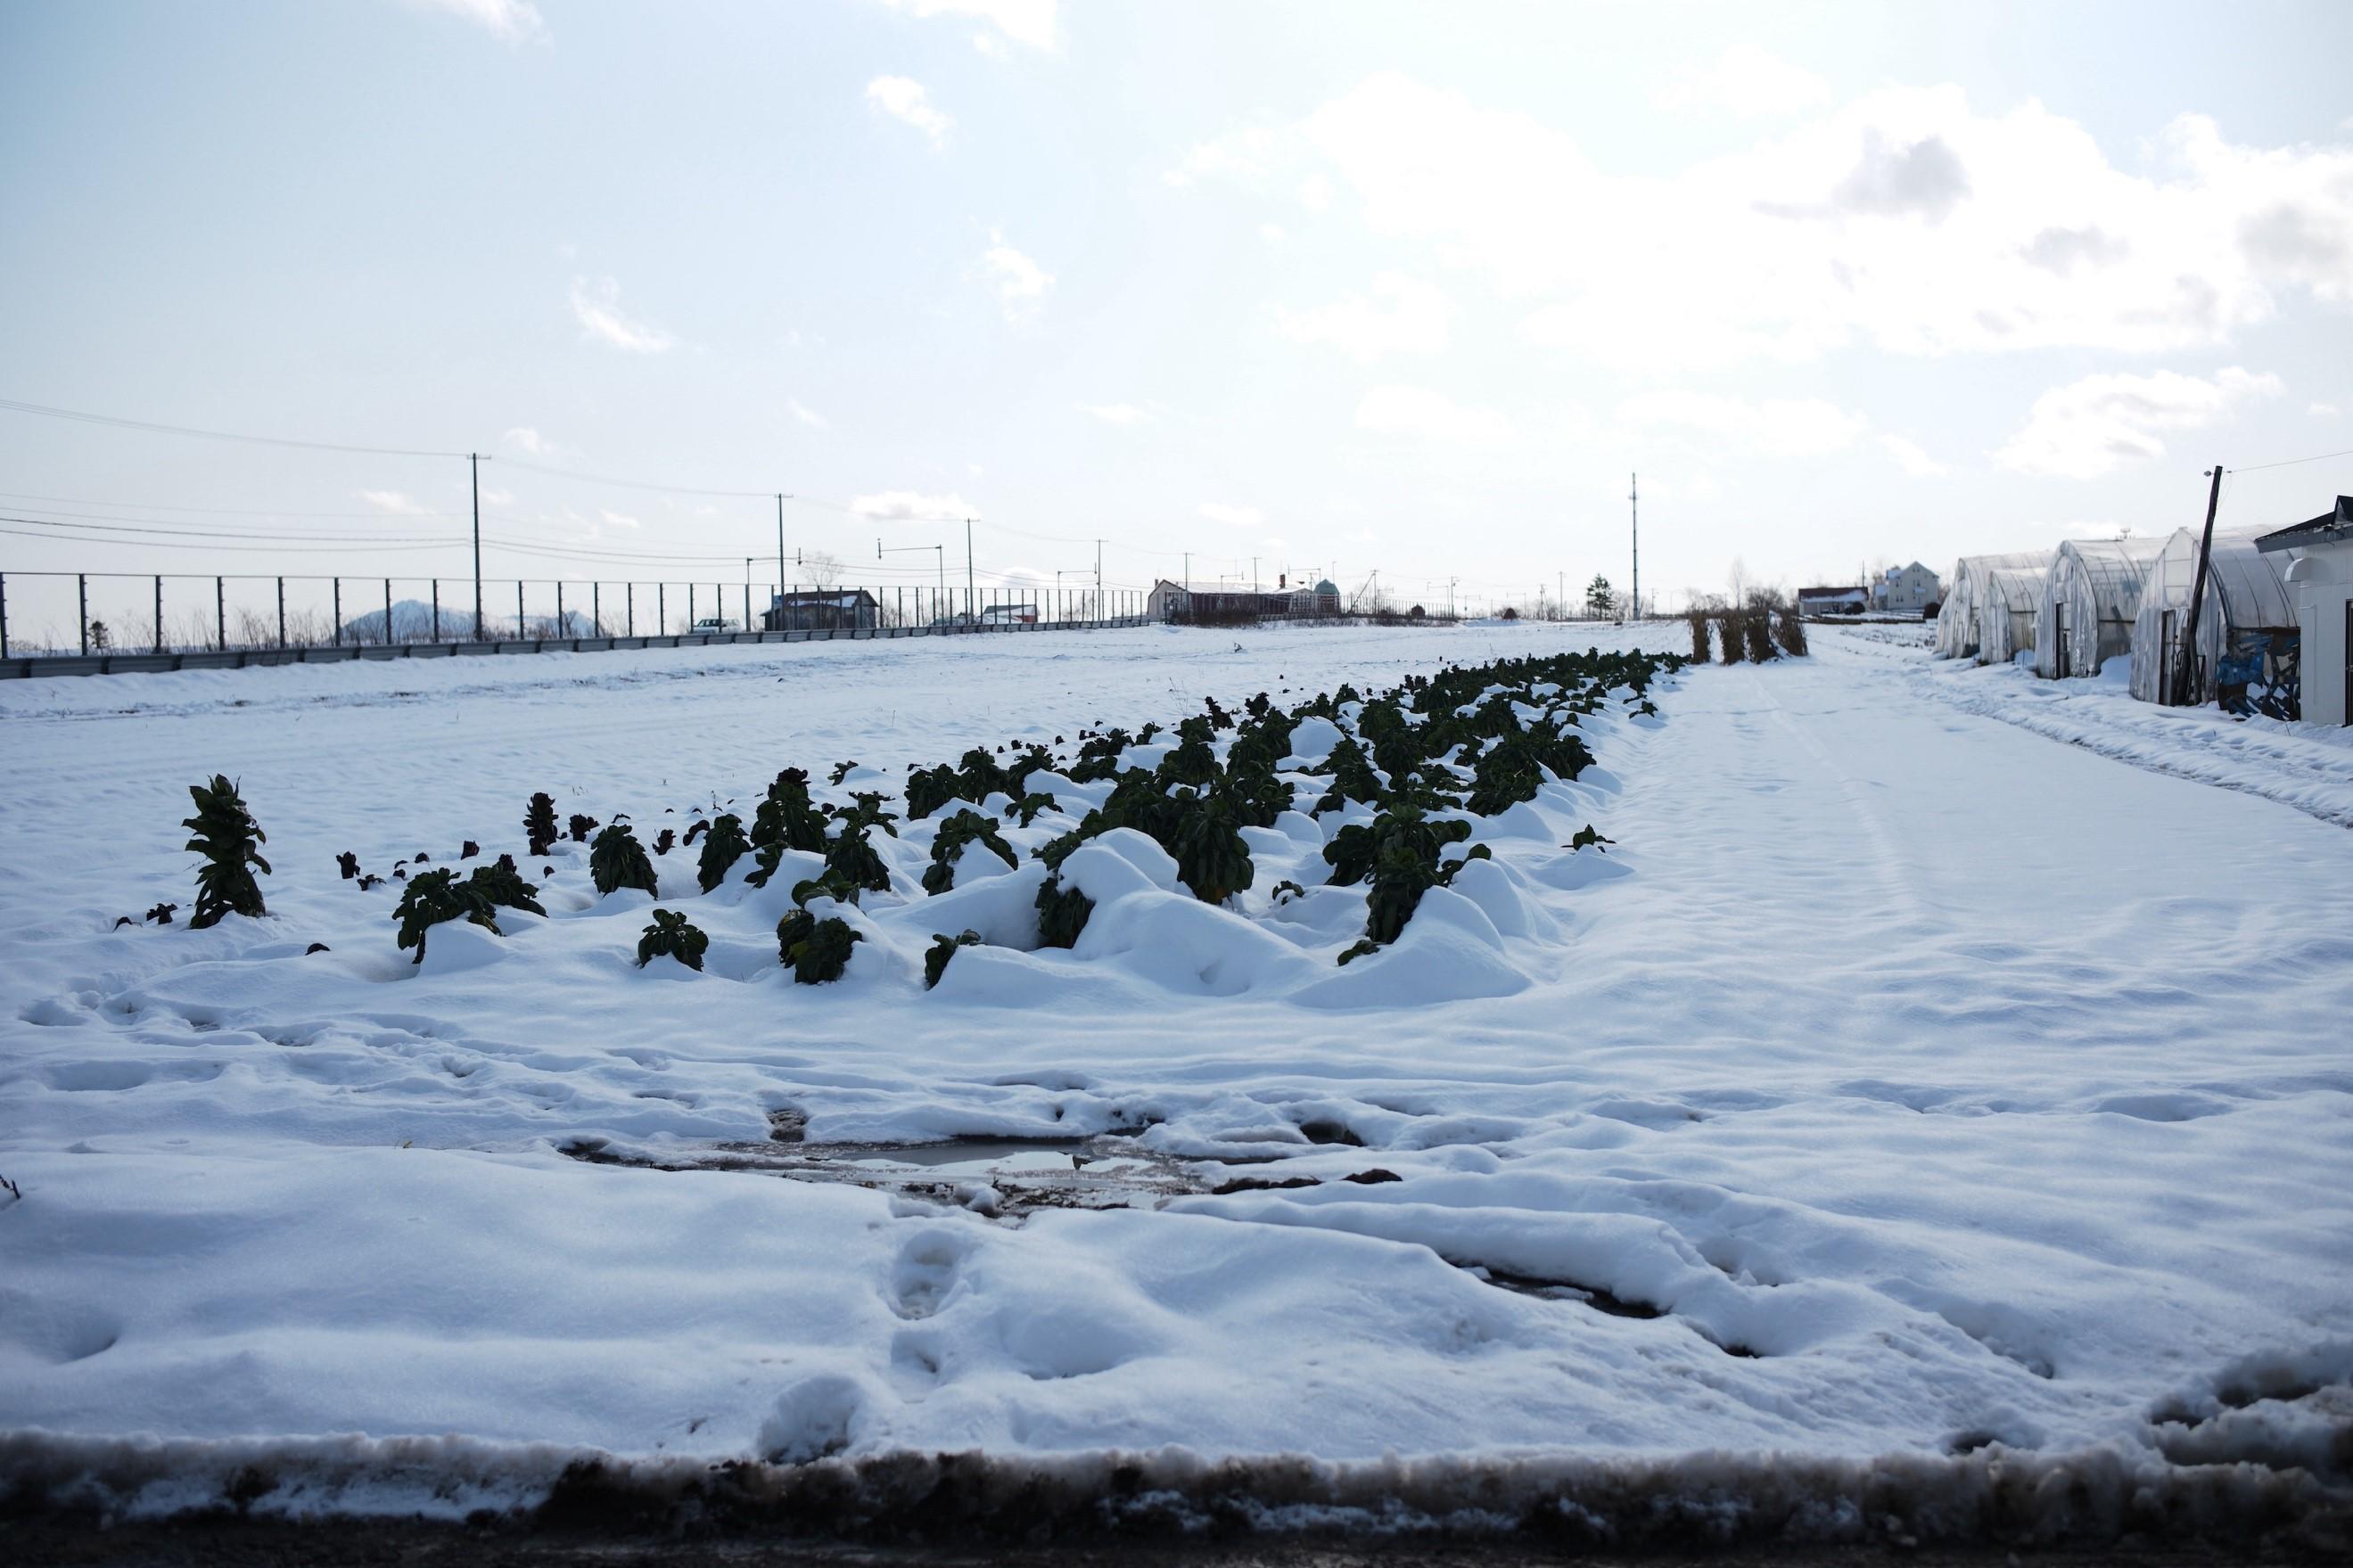 訪れた前日、雪に見舞われていたが、その下からは青々とした美味しそうな葉物野菜が顔を出す